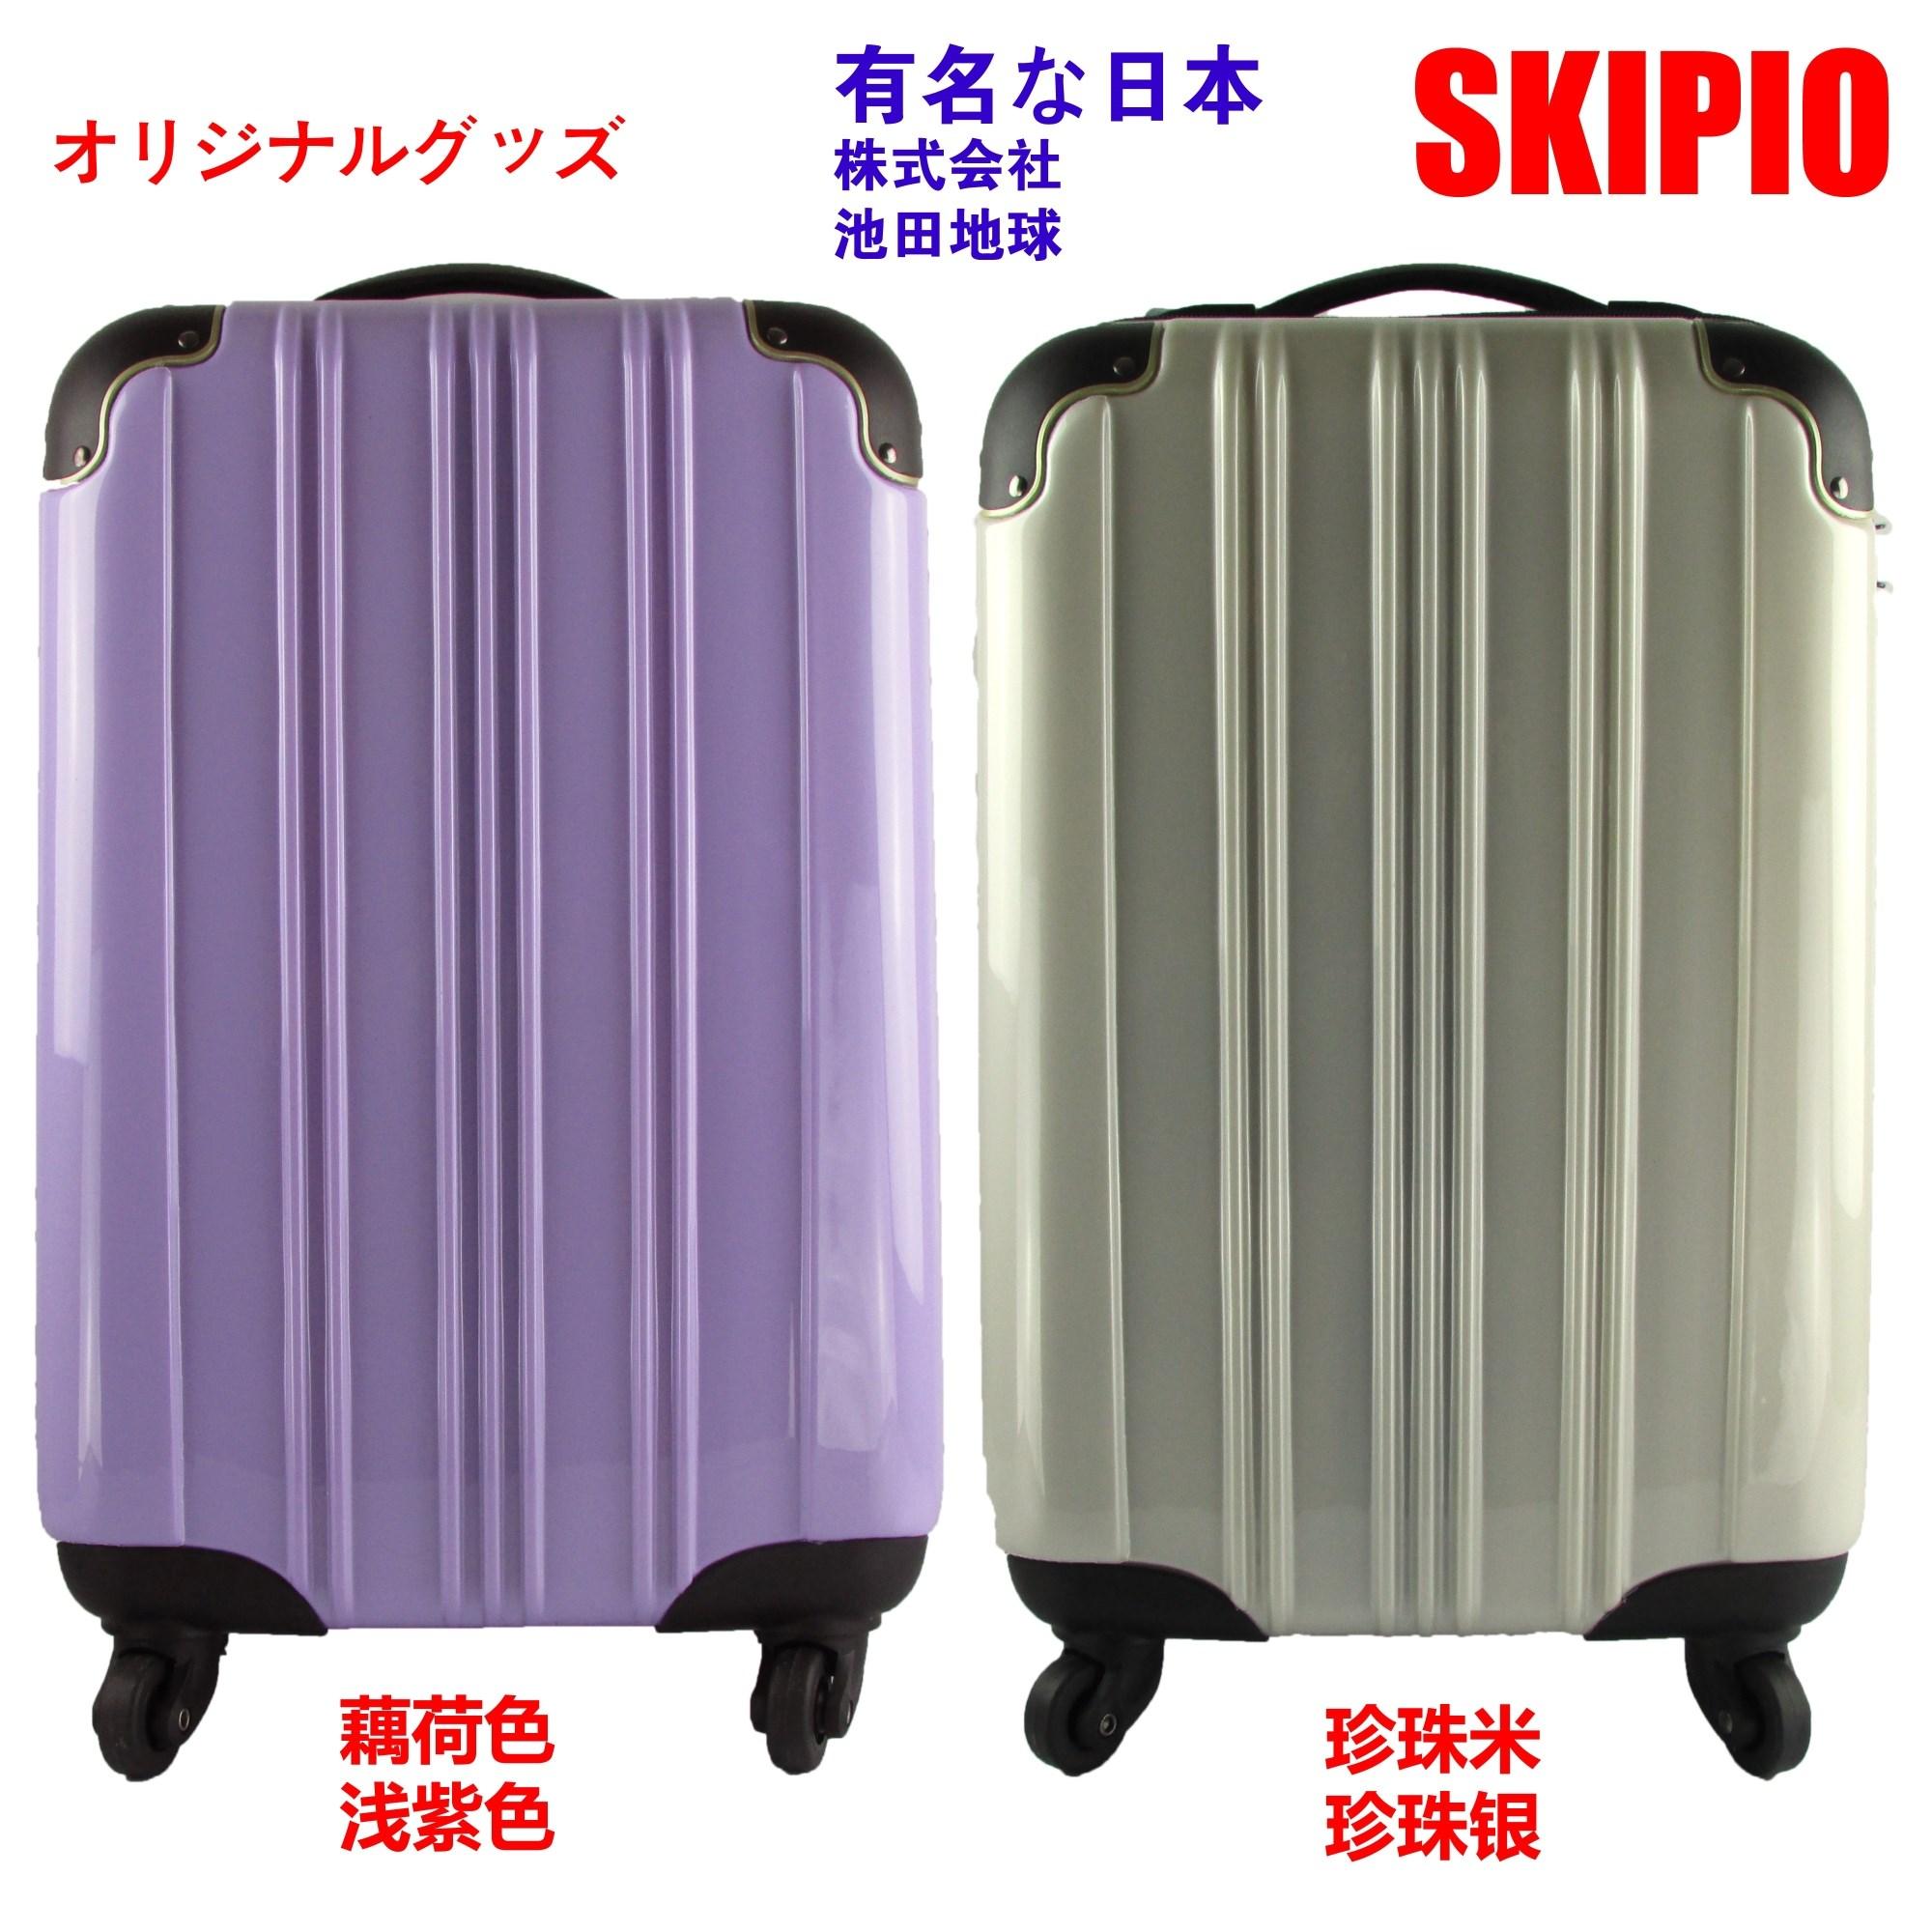 正品pc旅行箱登机箱18寸拉杆箱万向轮日本行李箱男女海关锁特价